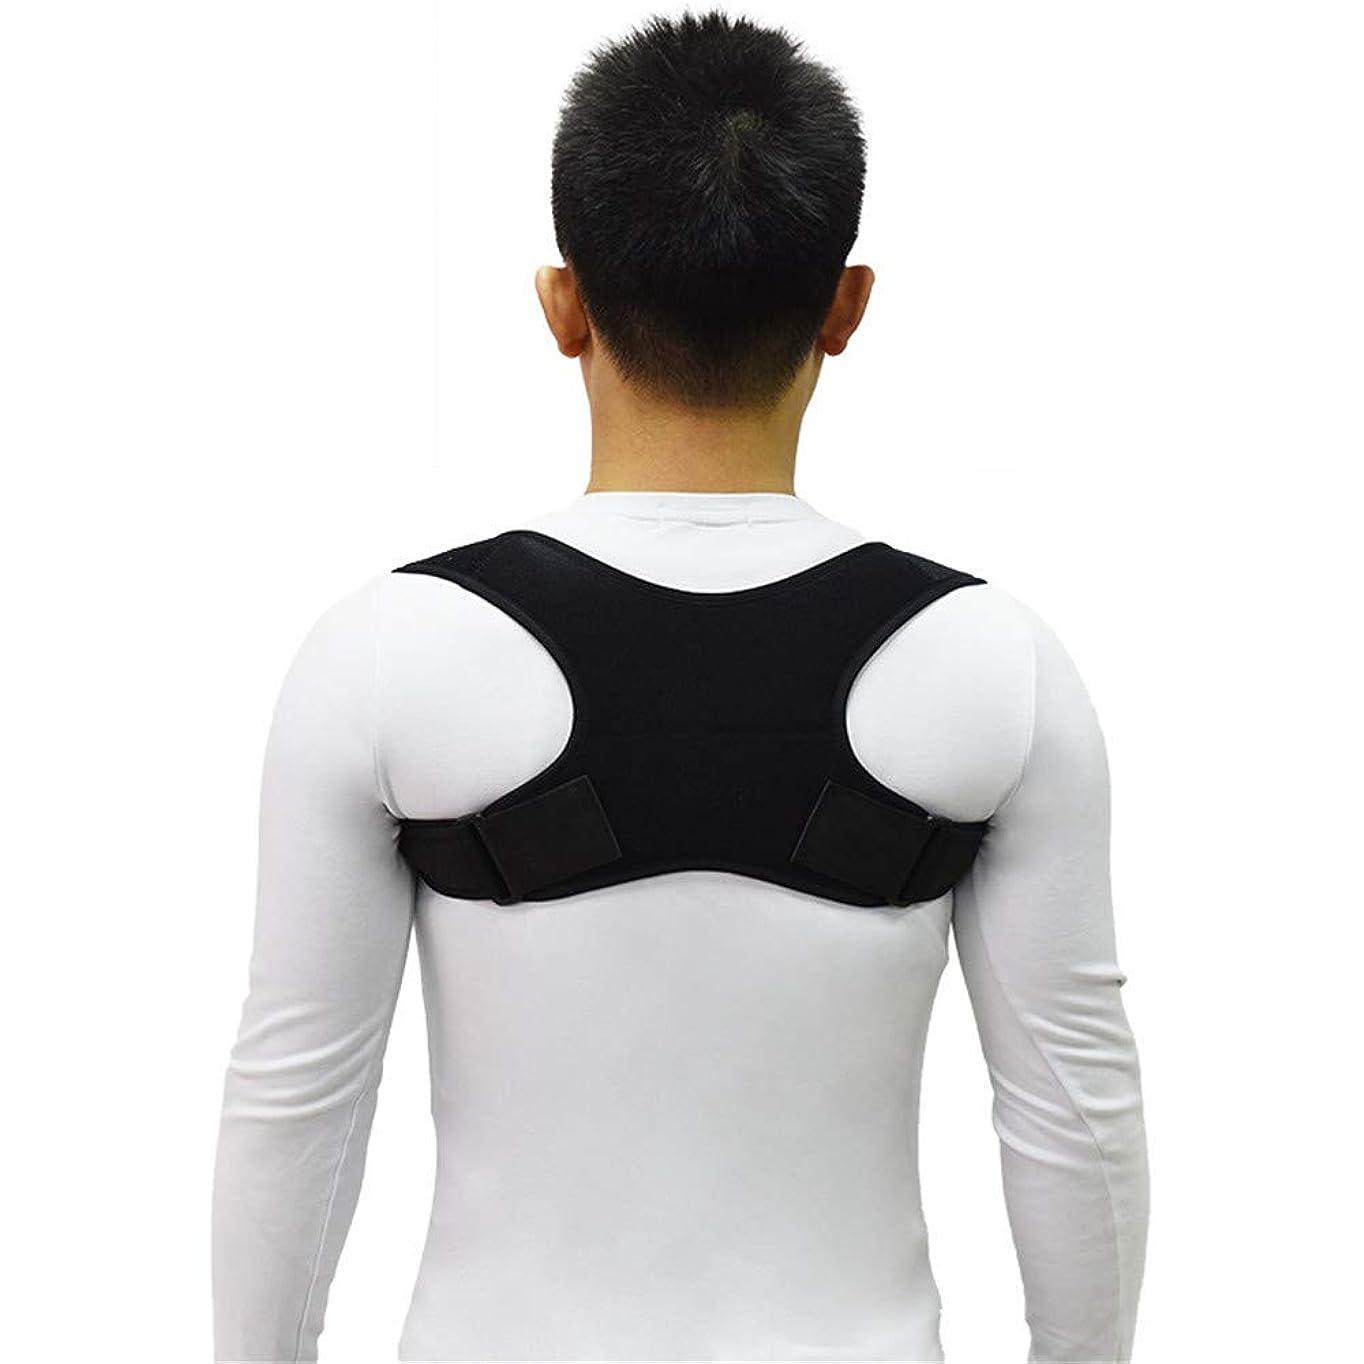 希望に満ちたラフレシアアルノルディすべてユニセックス調整可能な姿勢装具、背中のサポート鎖骨のサポートと首の肩勃起矯正痛みを緩和、快適な姿勢トレーナー,黒